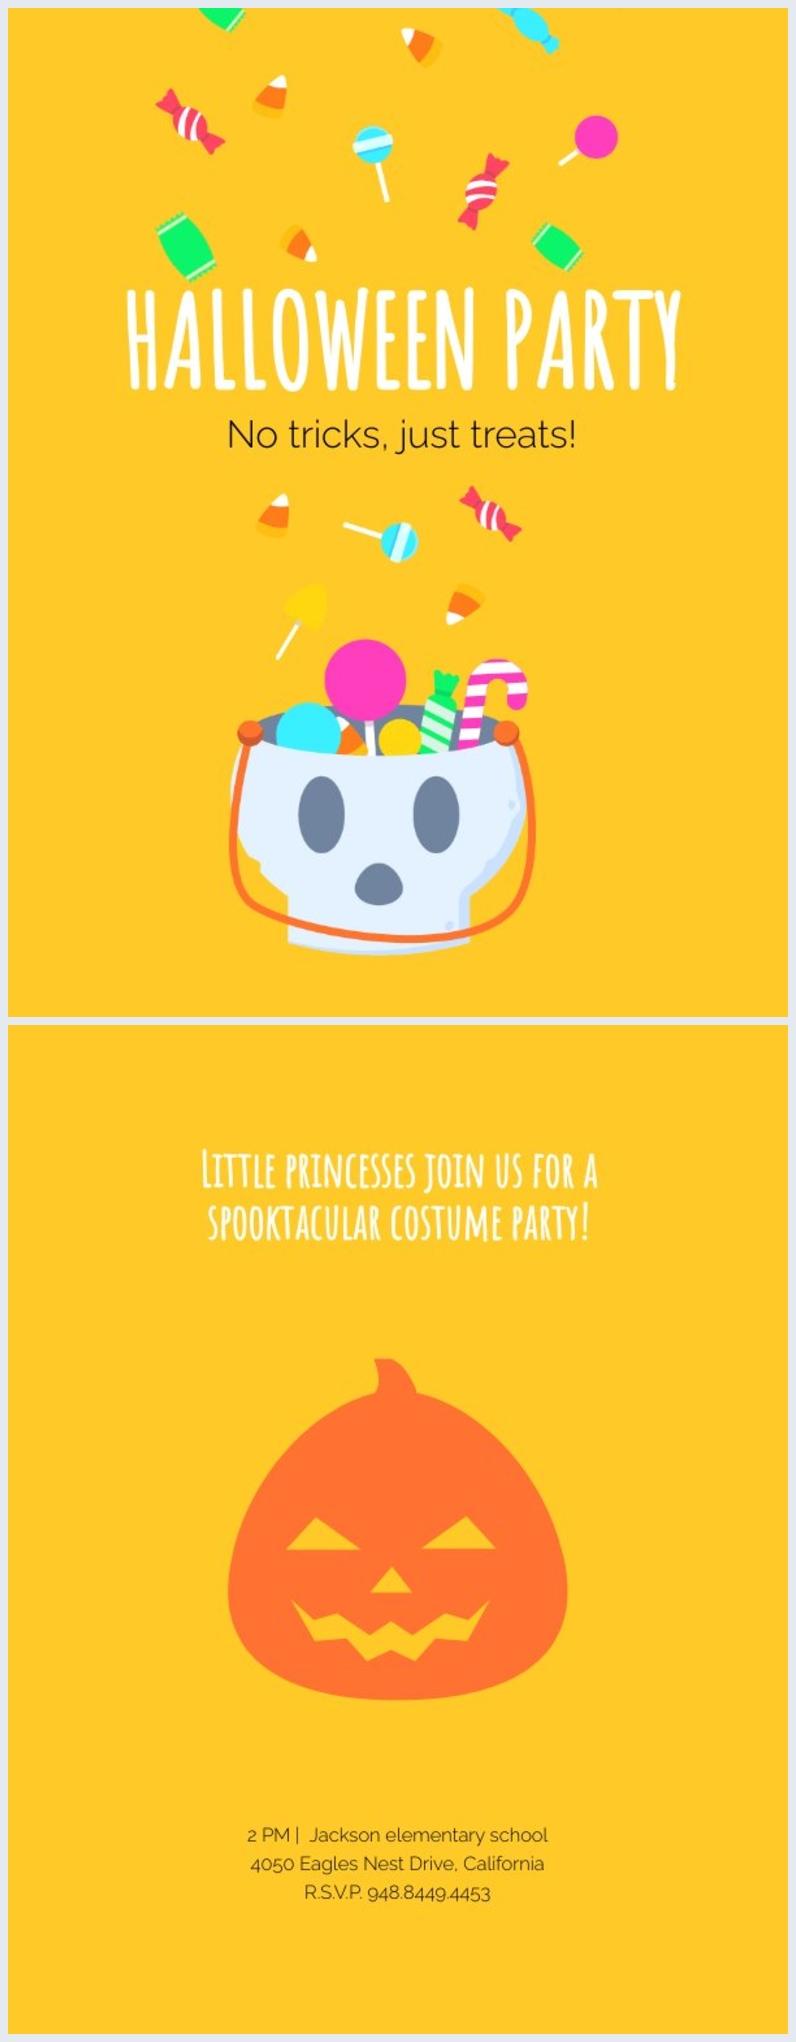 Grafica per invito alla festa di Halloween per bambini